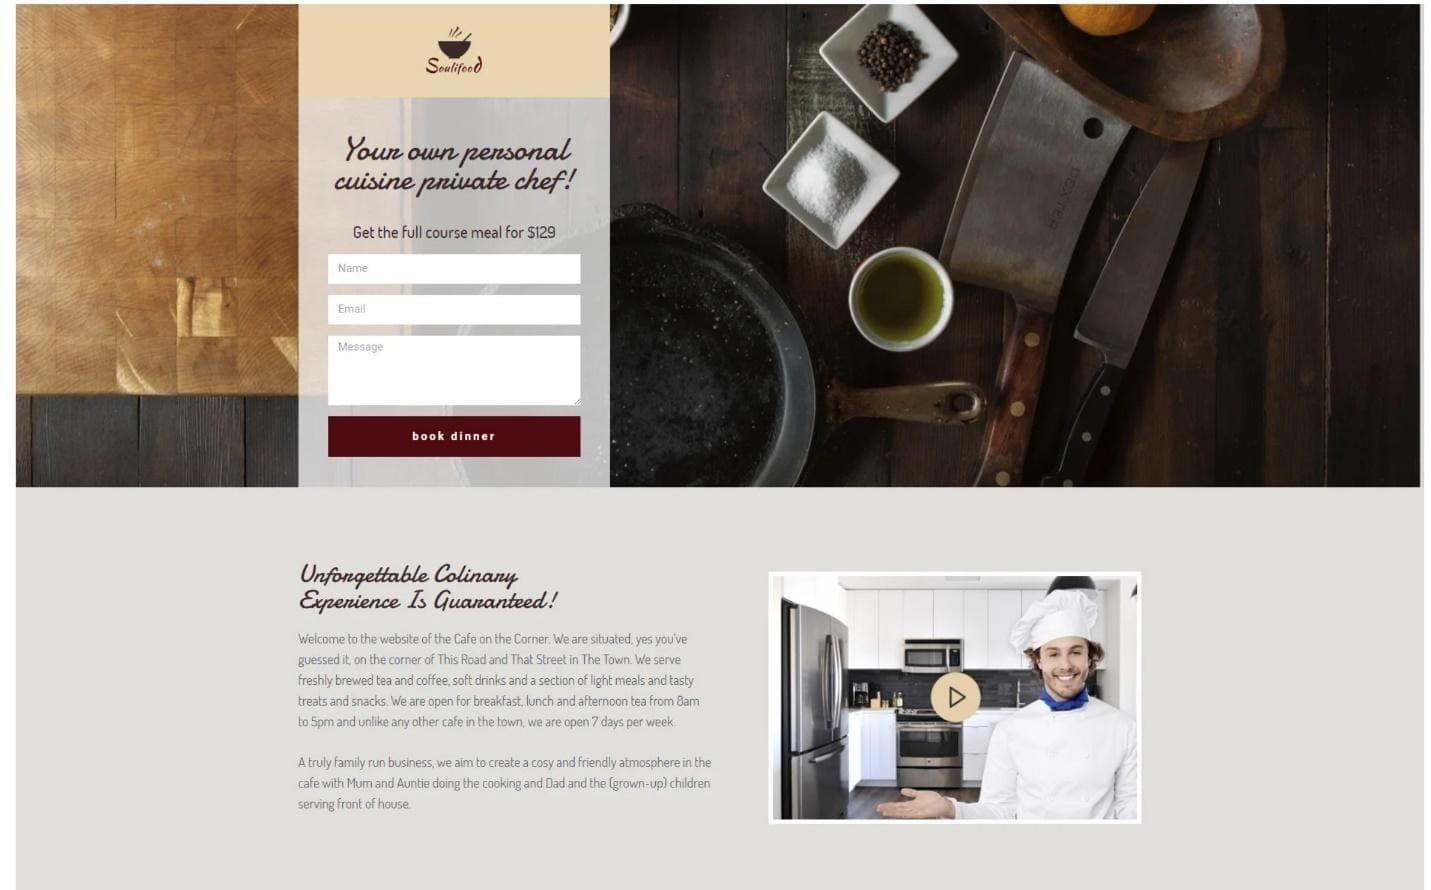 fiverr-freelancer-muhammadtalh851-landing-page-design